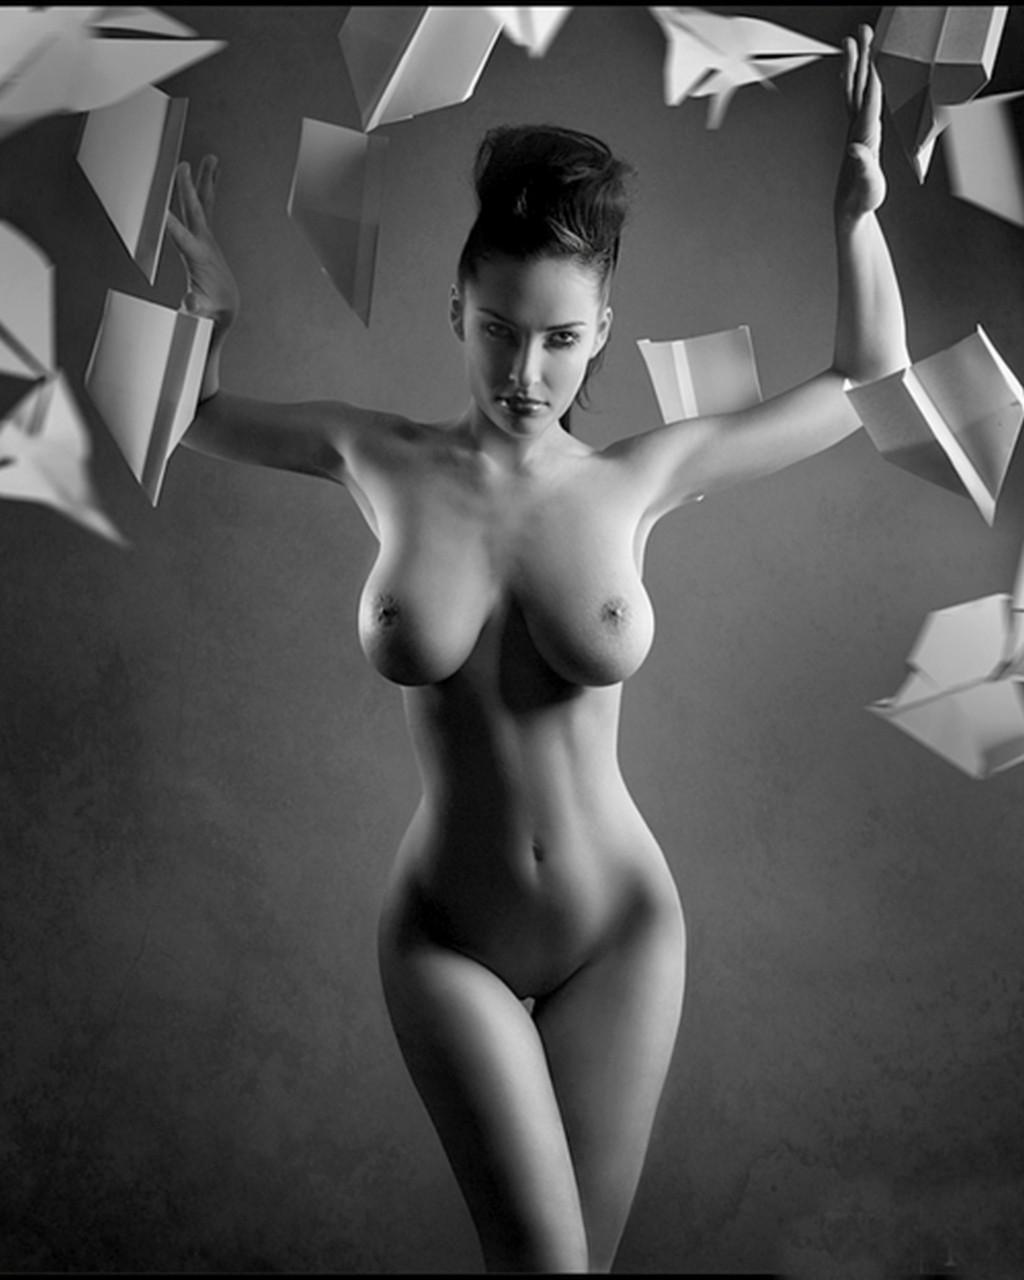 Фото женские фигуры голые 8 фотография